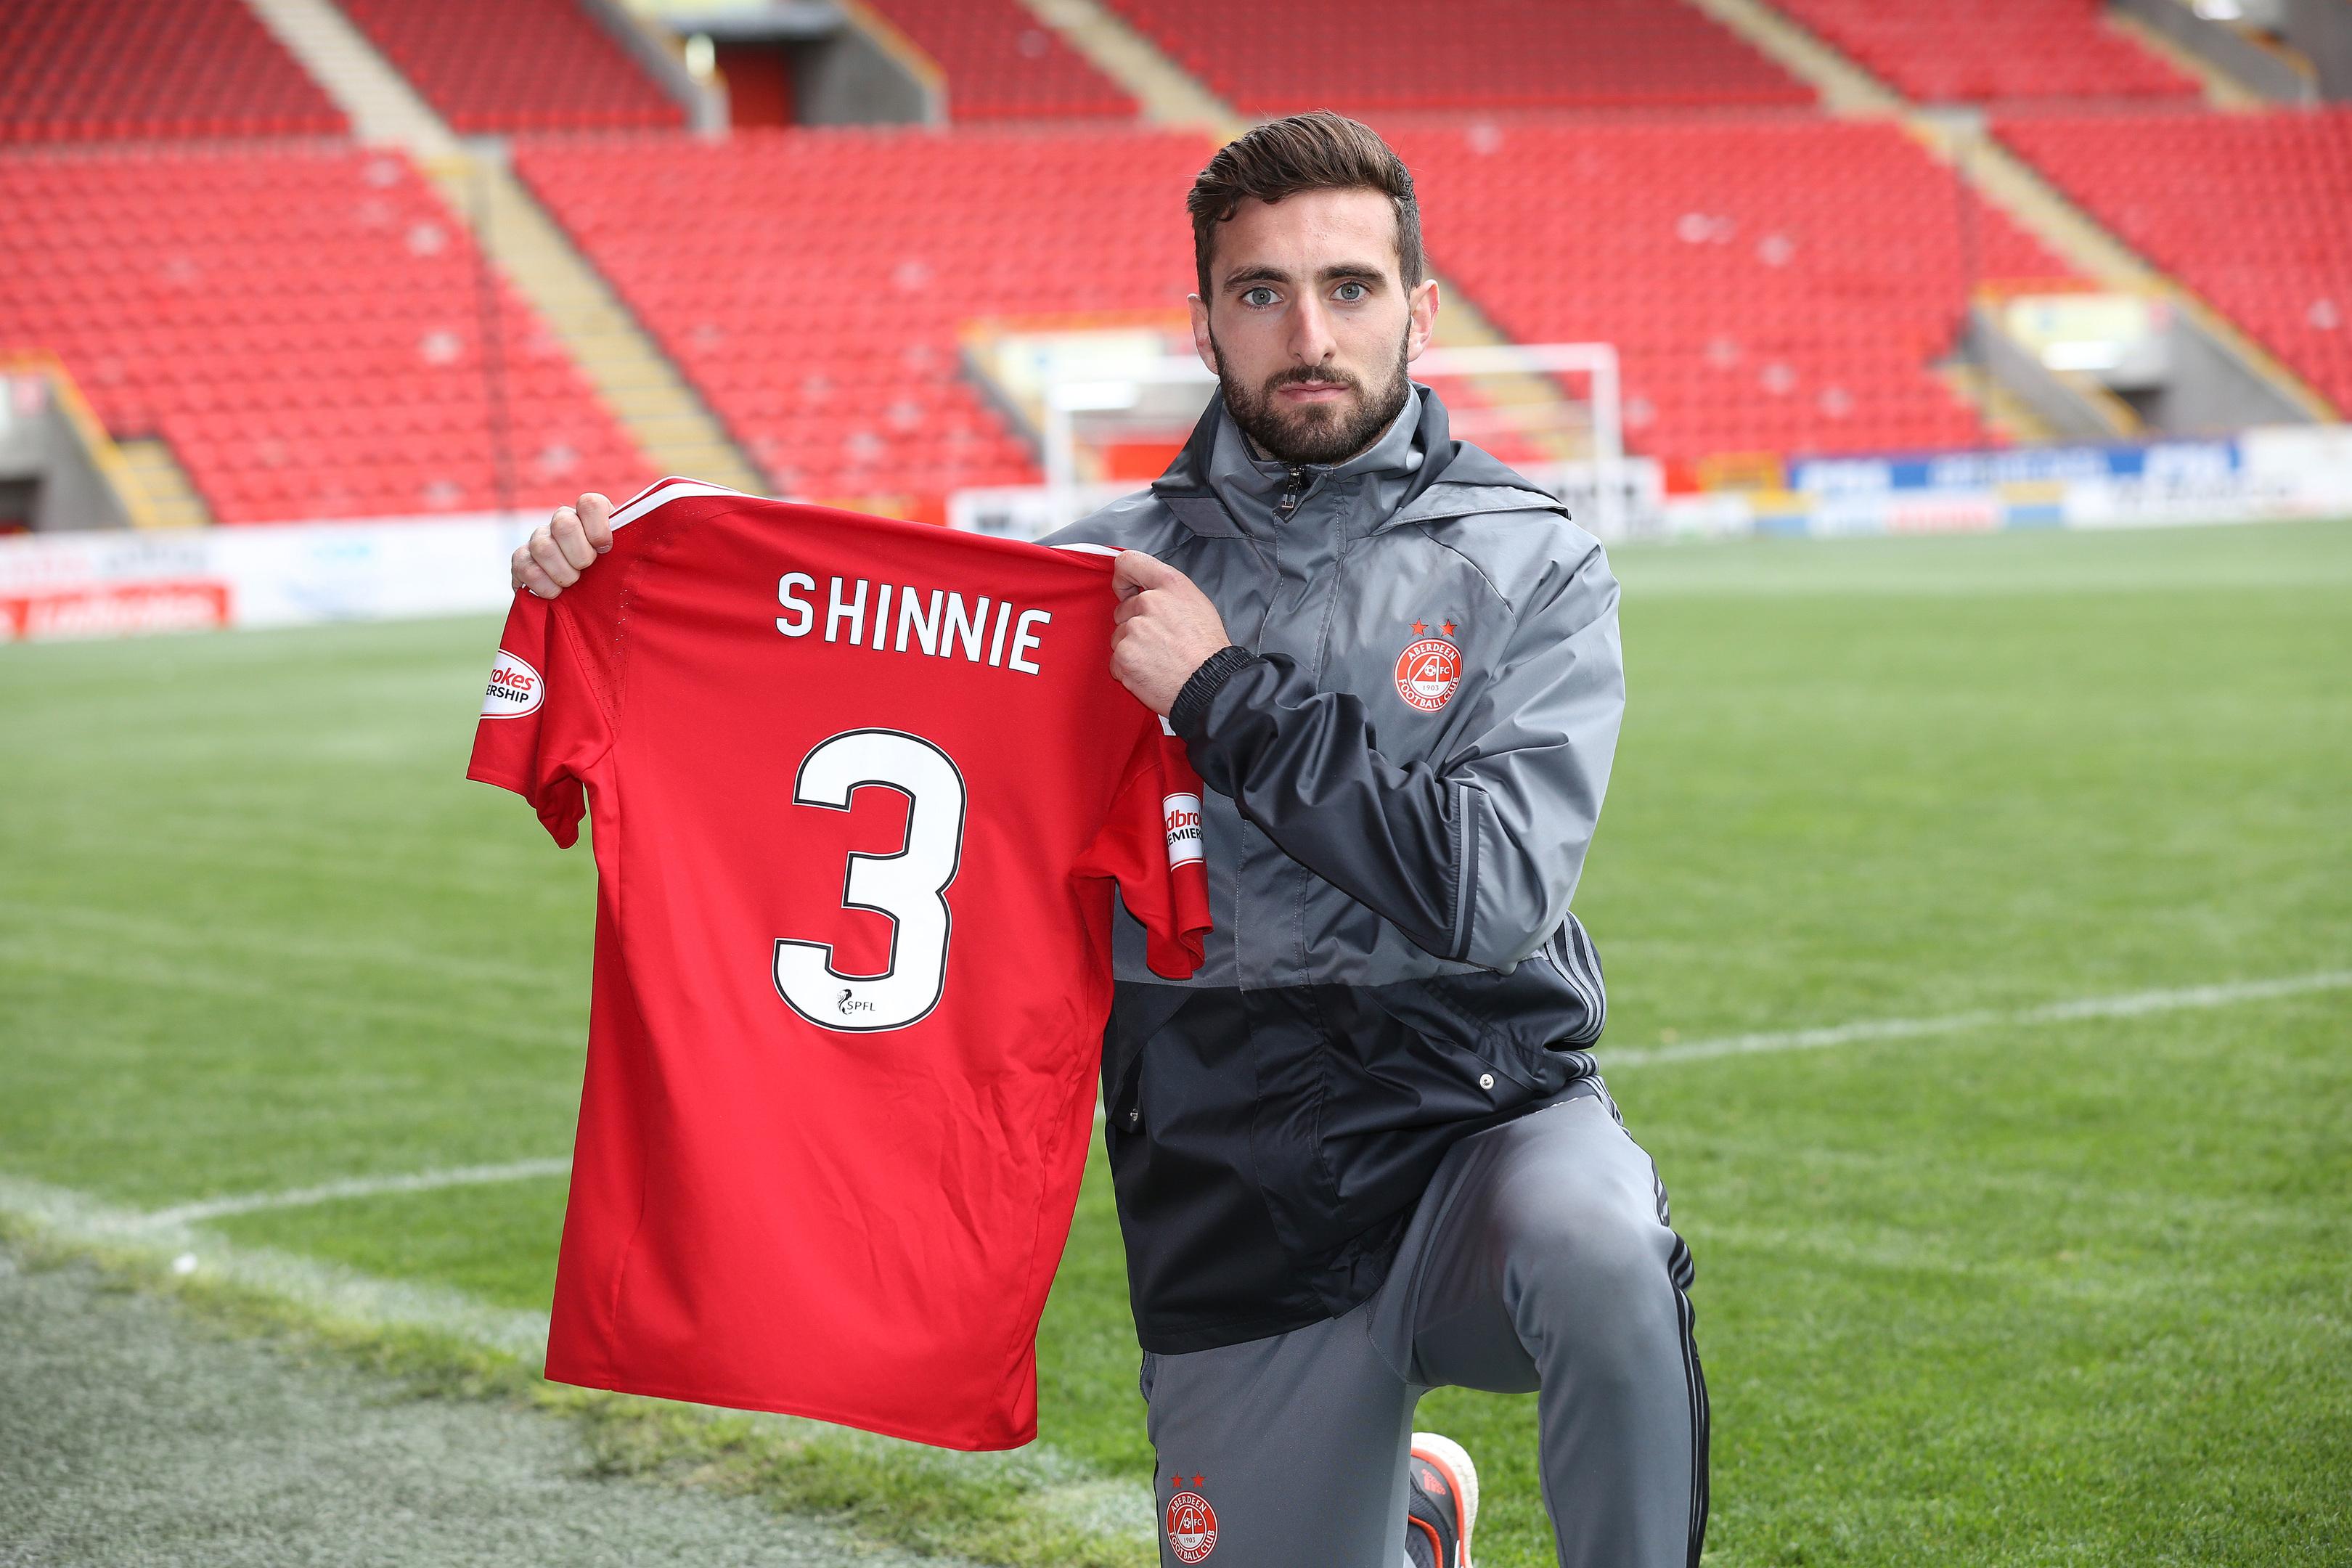 Graeme Shinnie